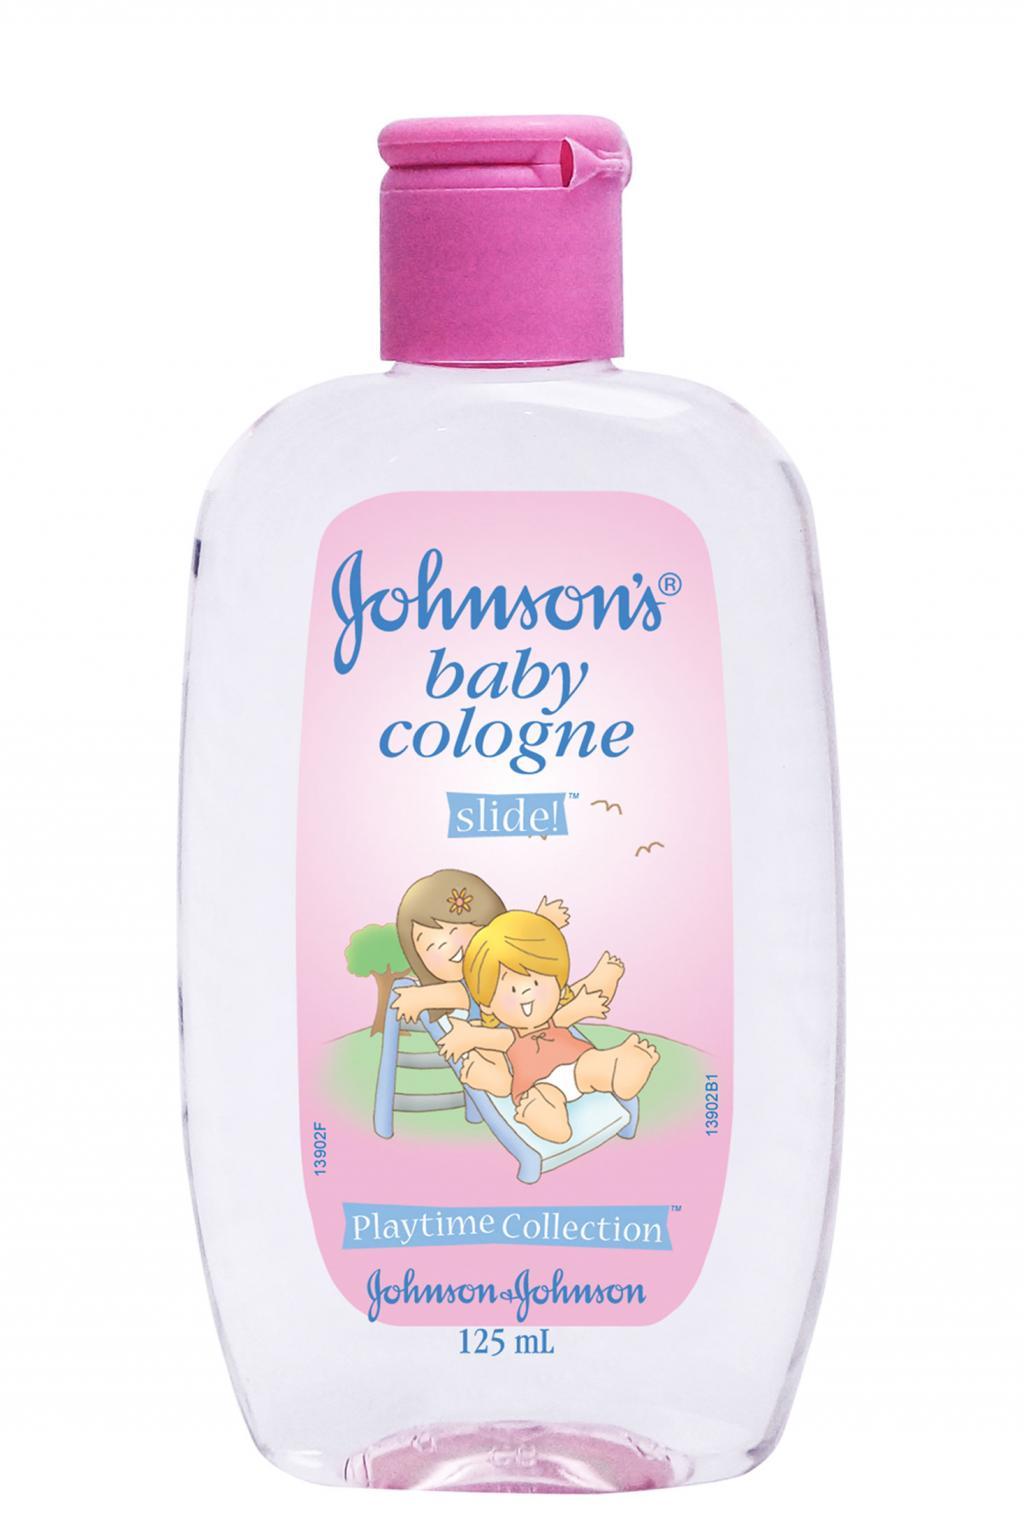 JOHNSON'S® baby cologne slide